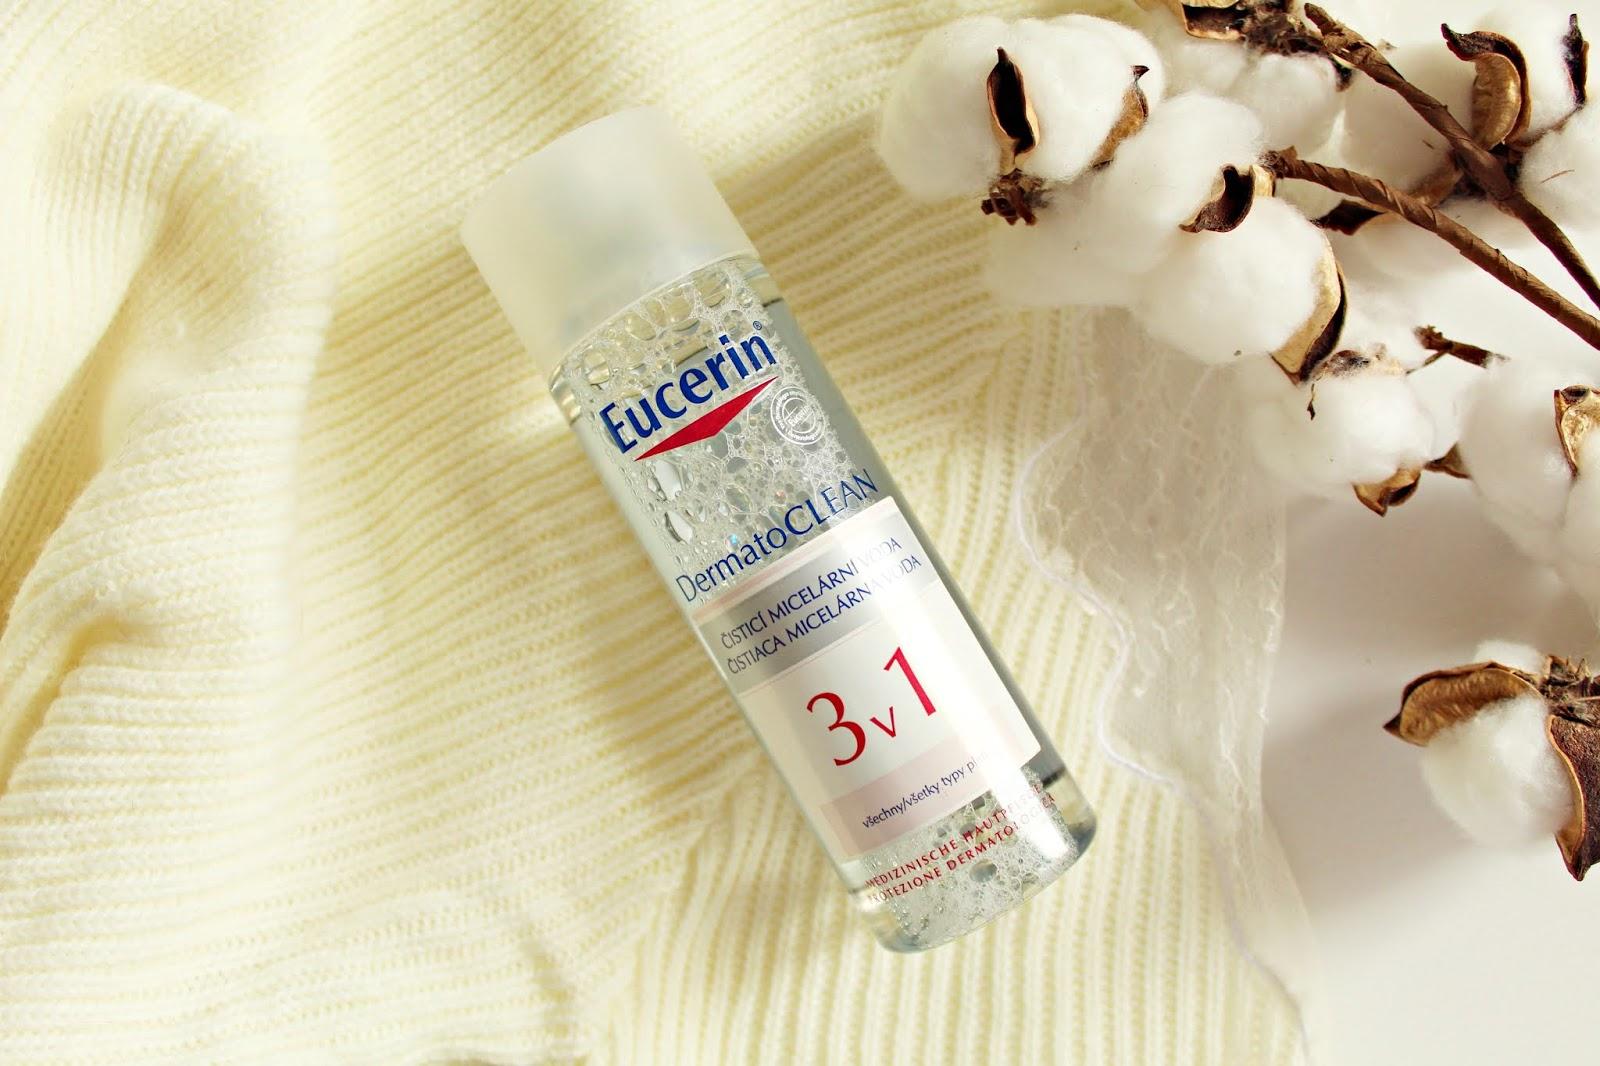 EUCERIN DermatoClean oczyszczający płyn micelarny 3 w 1